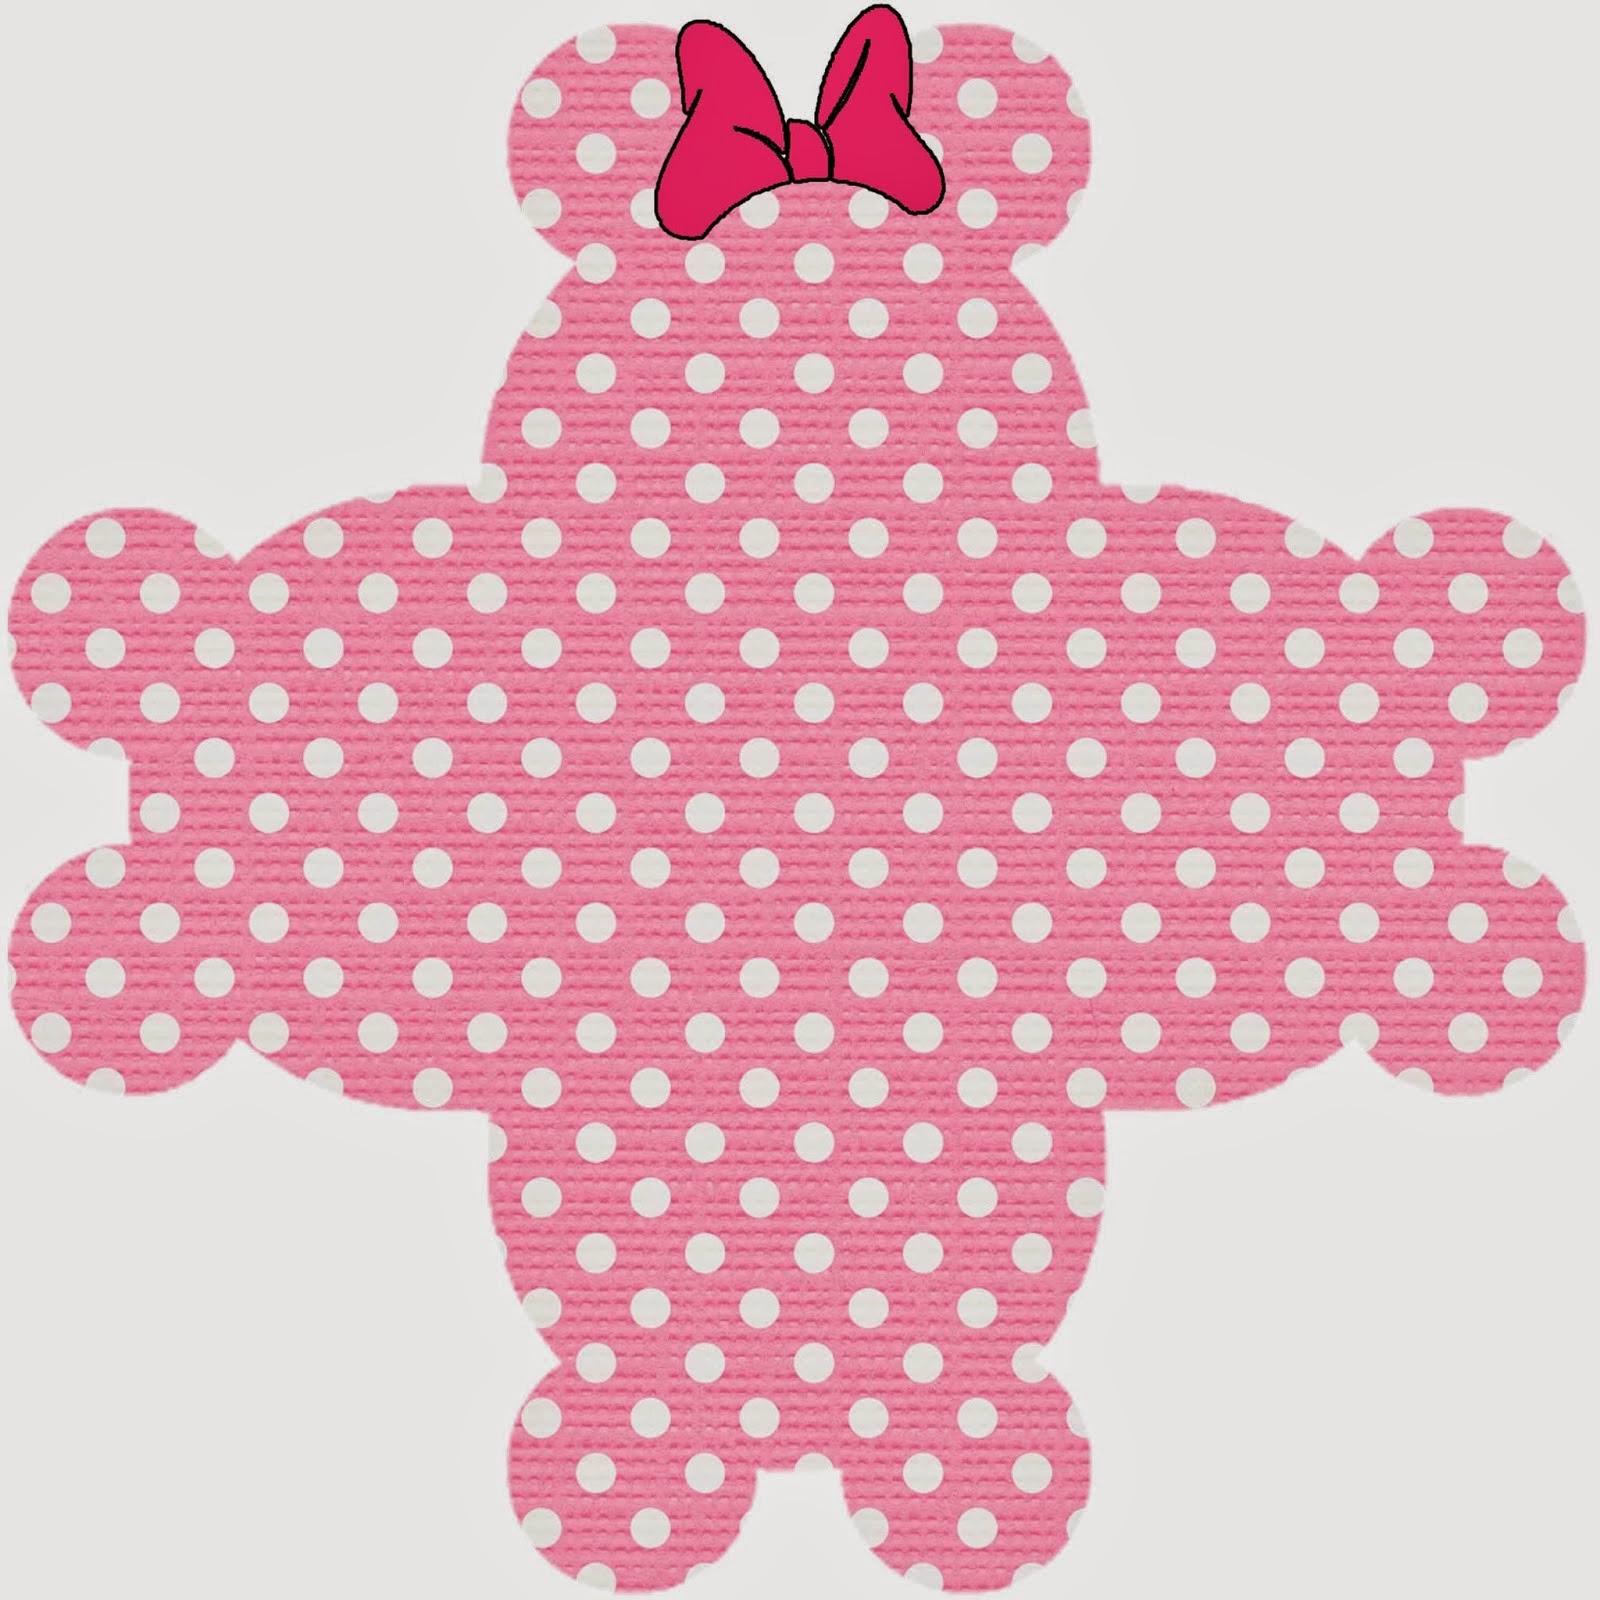 Caja Abierta para Imprimir Gratis de Minnie Mouse Rosa.